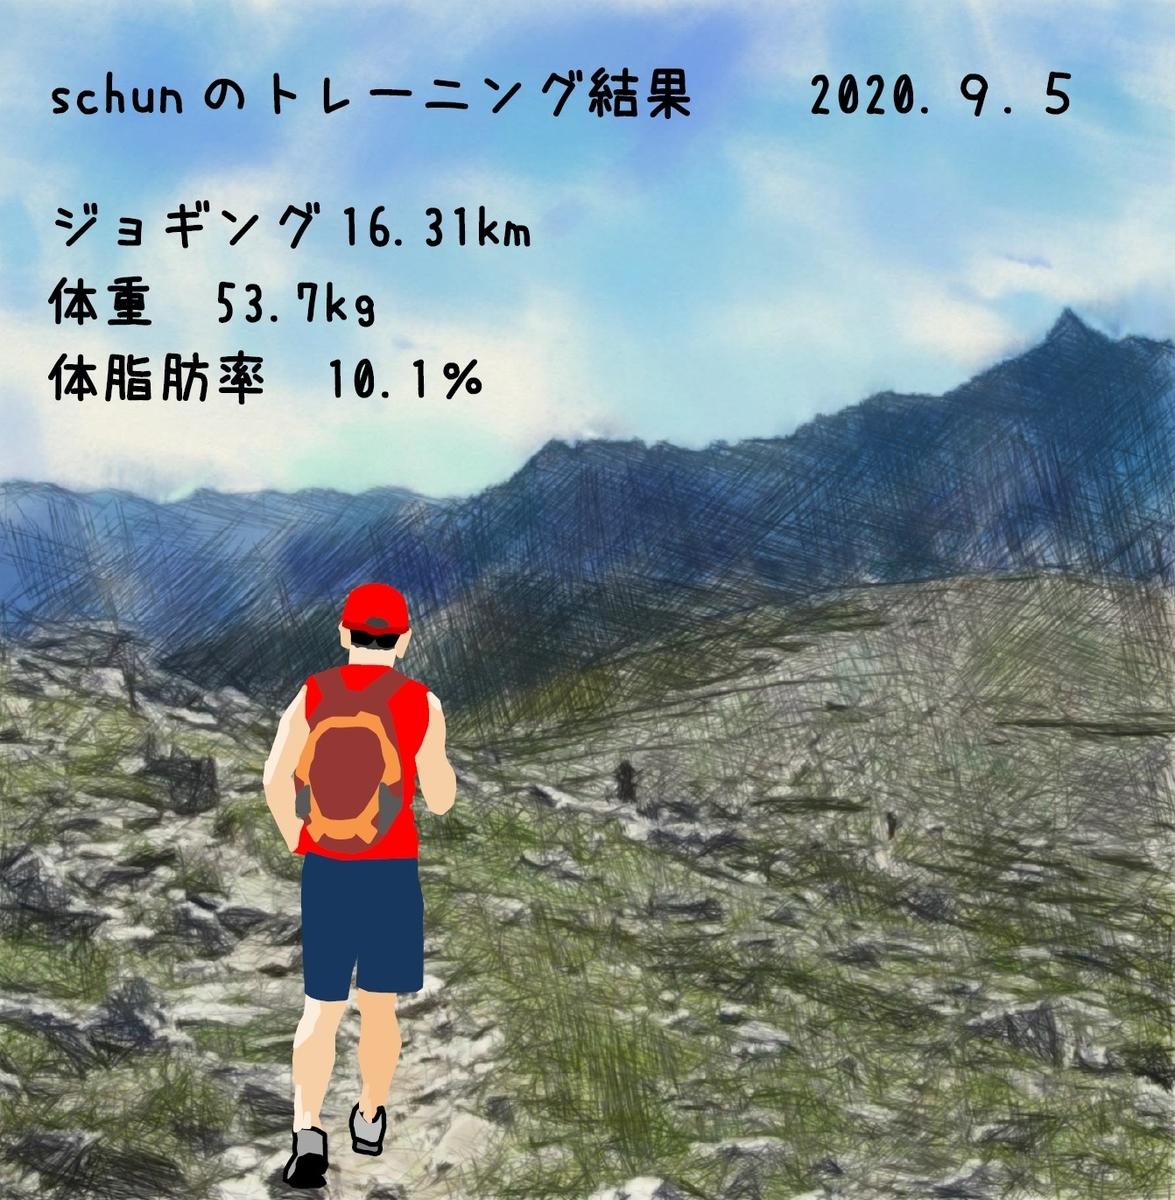 f:id:schunchi2007:20200906201139j:plain